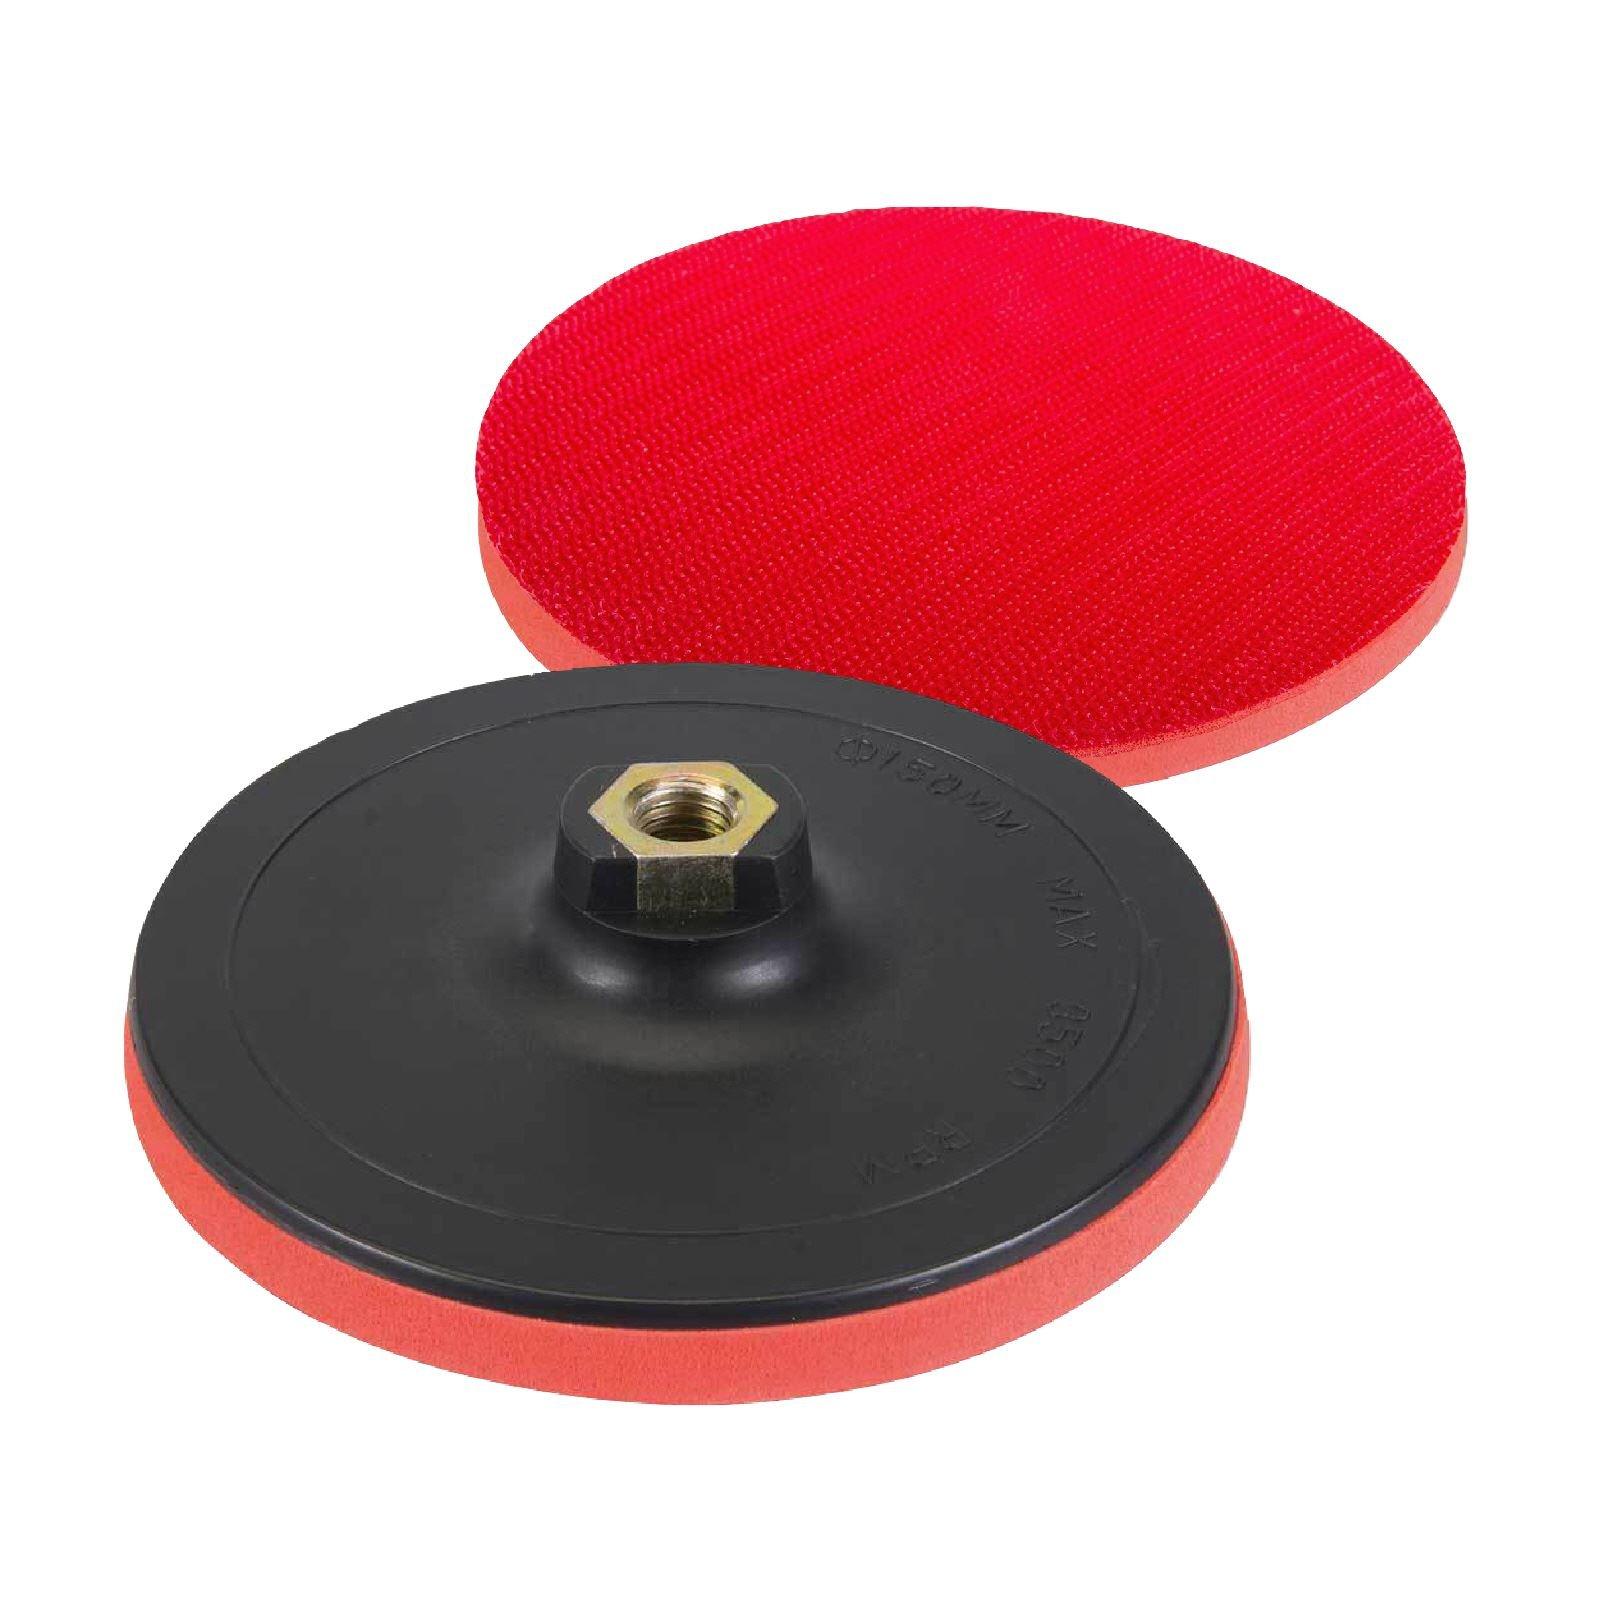 H-Smart Hook & Loop 125 x 10mm Rubber Backing Pad for Angle Grinder Sander Polisher Disc